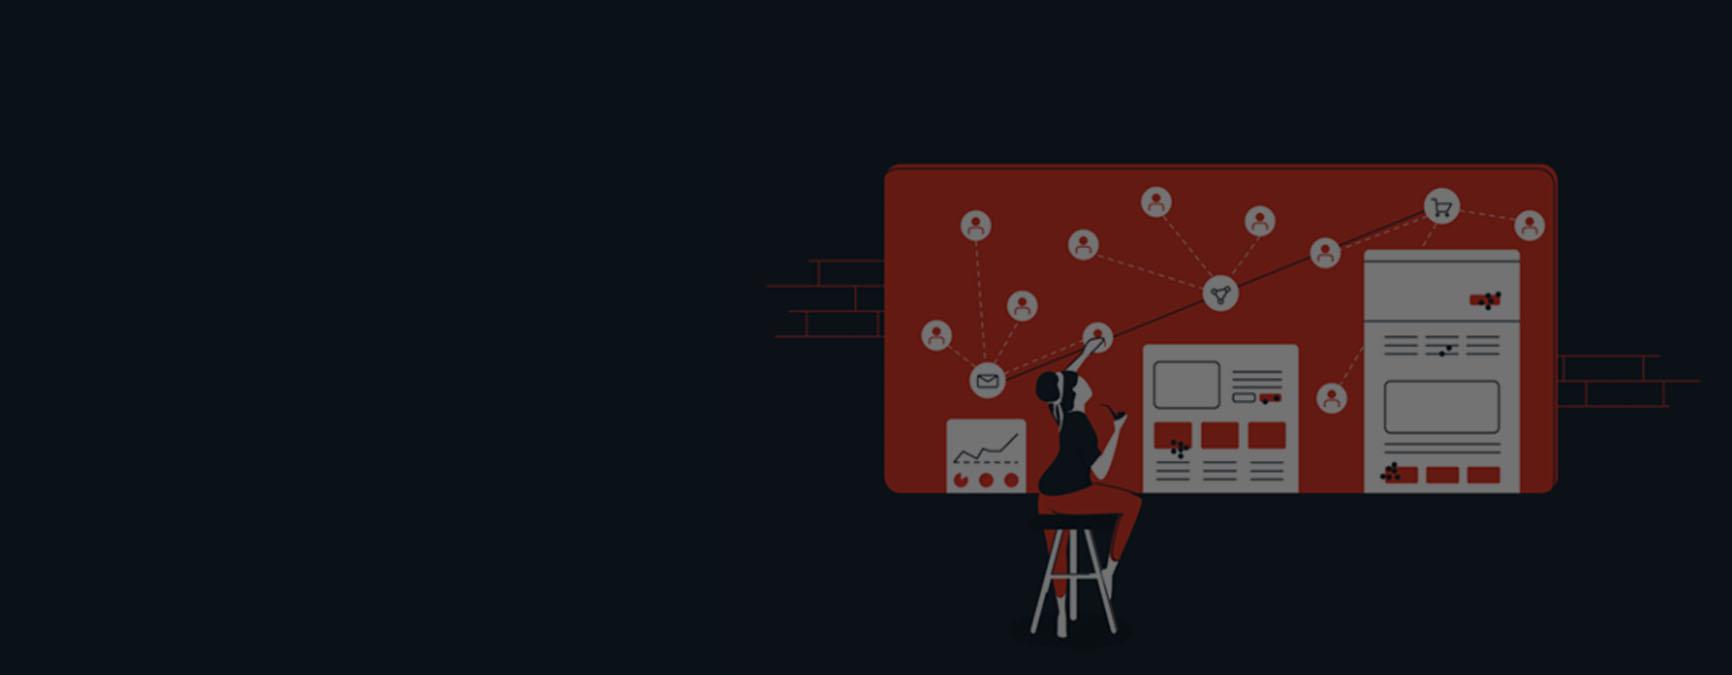 ۵ نکته از بهینه سازی تجربه کاربری که رنکینگ Search را برای سایت شما افزایش میدهد